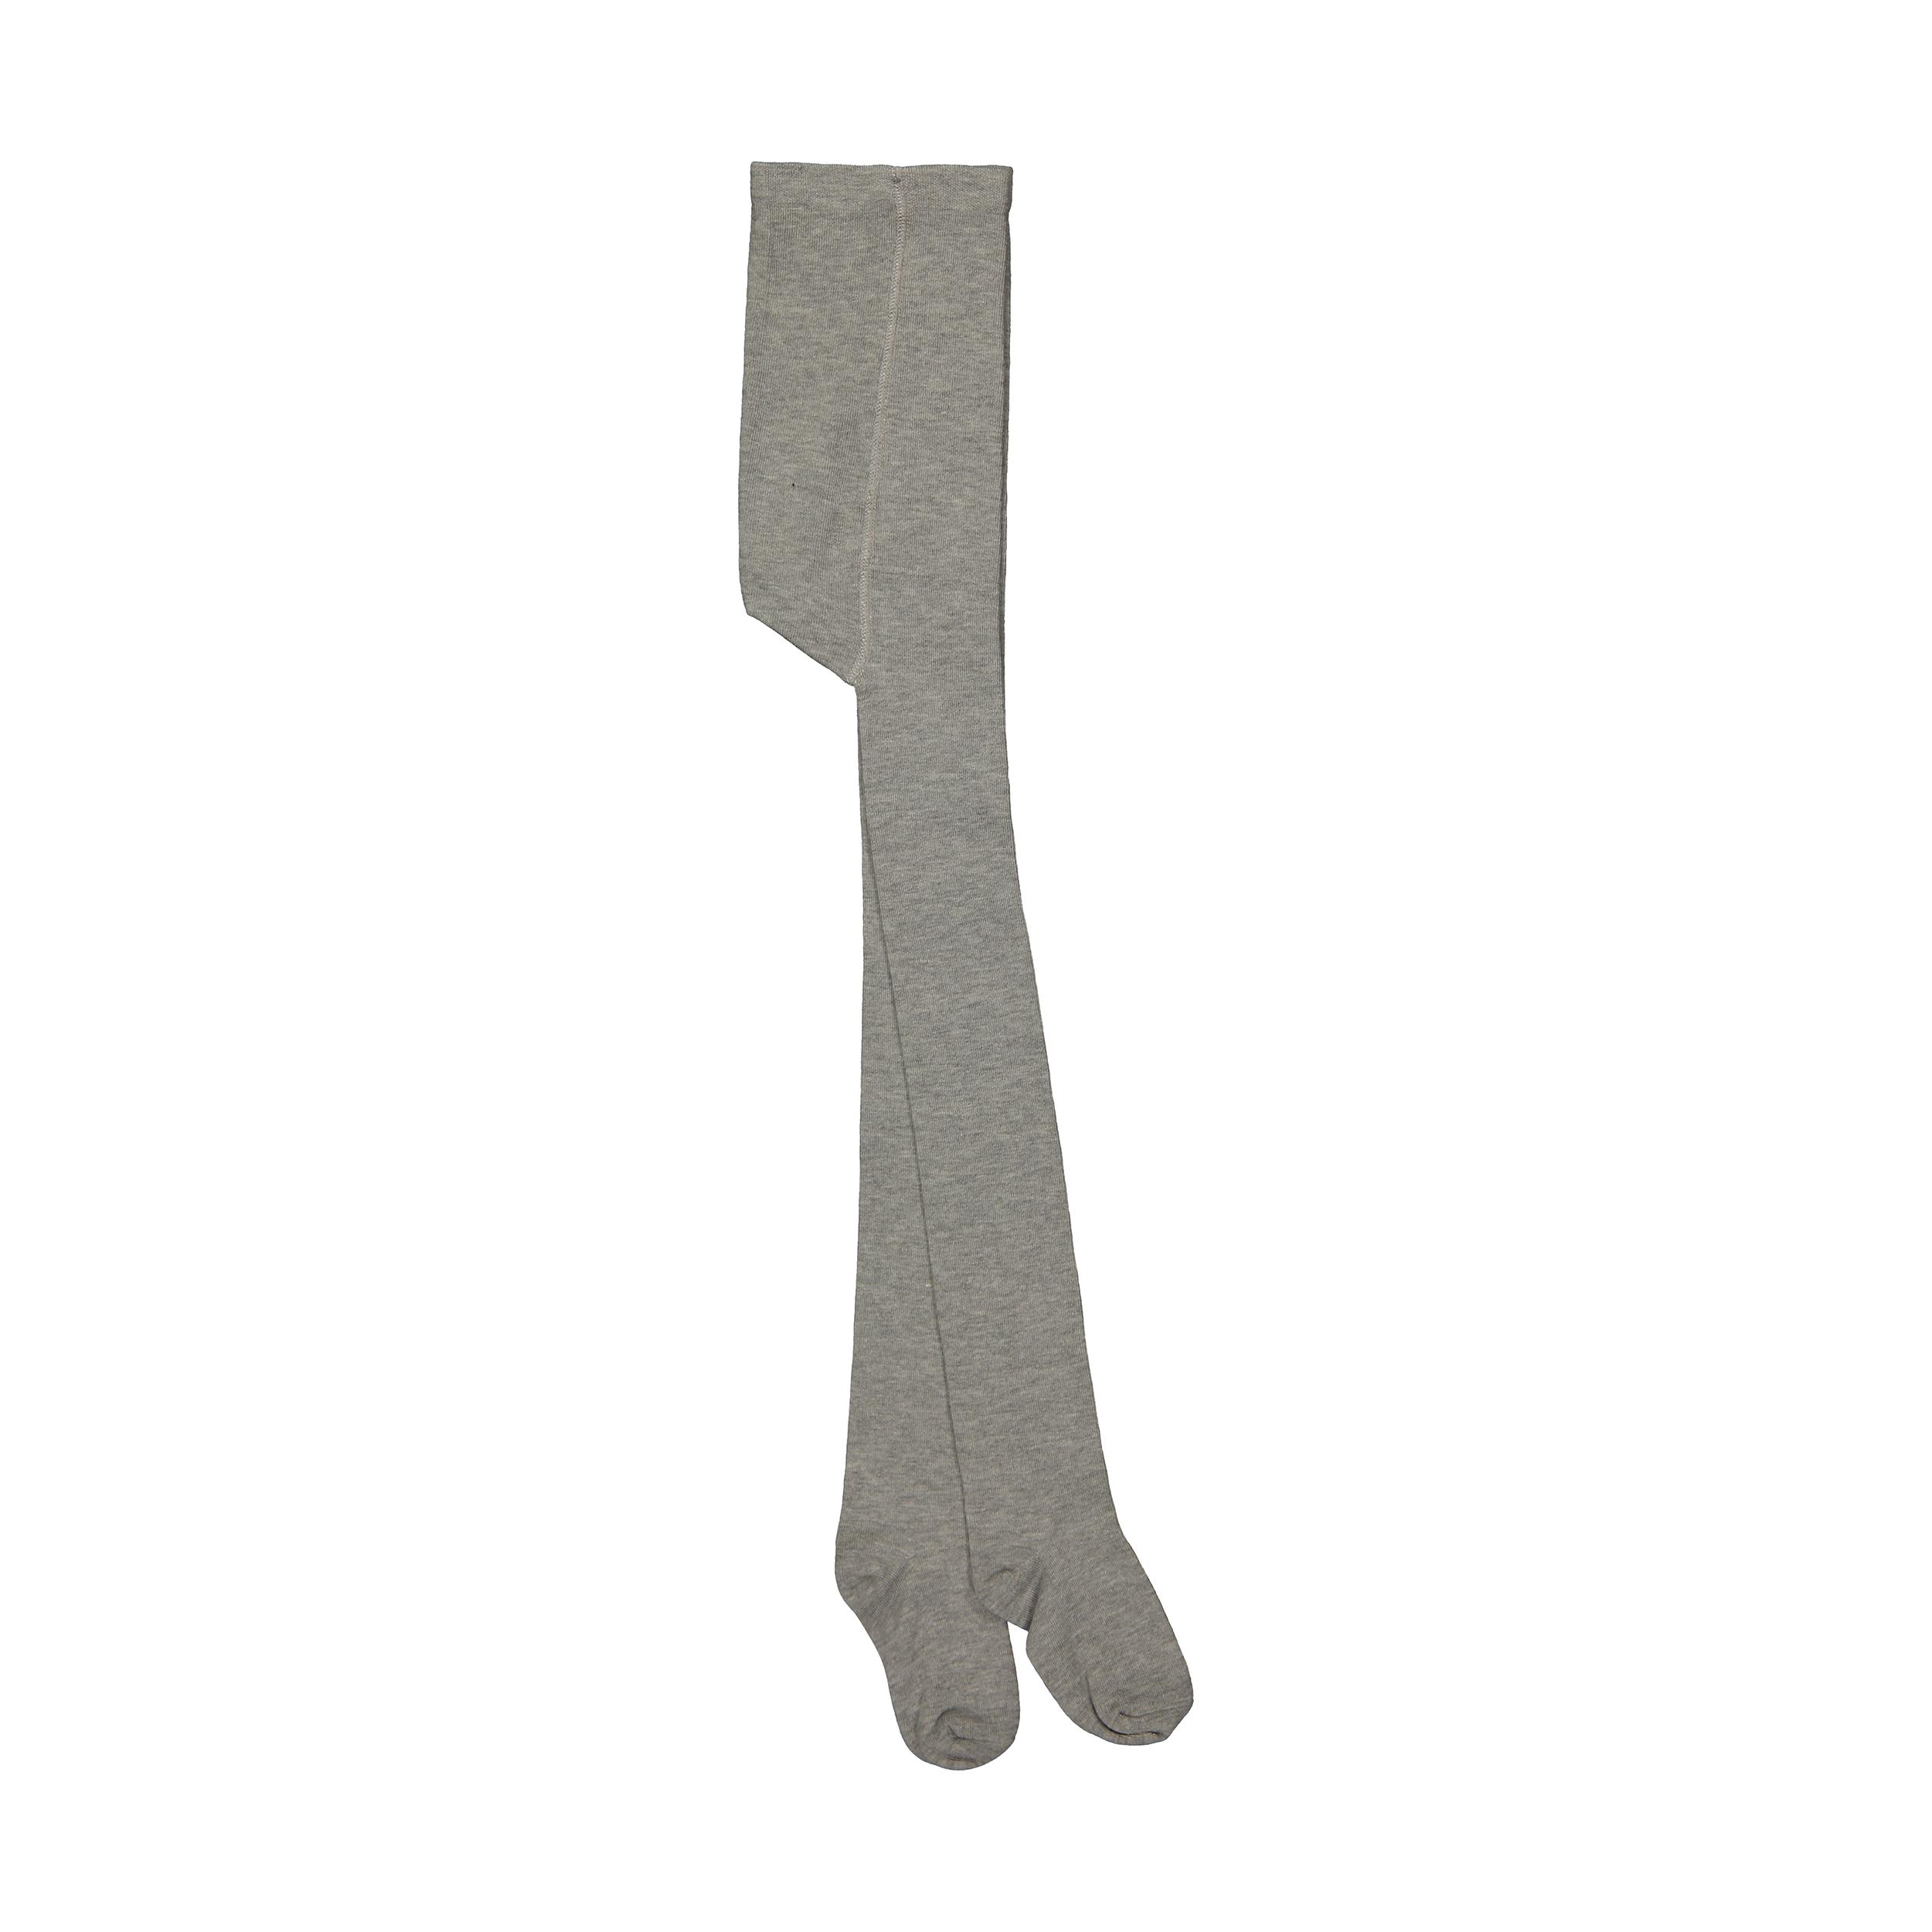 جوراب شلواری دخترانه آی چیلک مدل 24631064-90